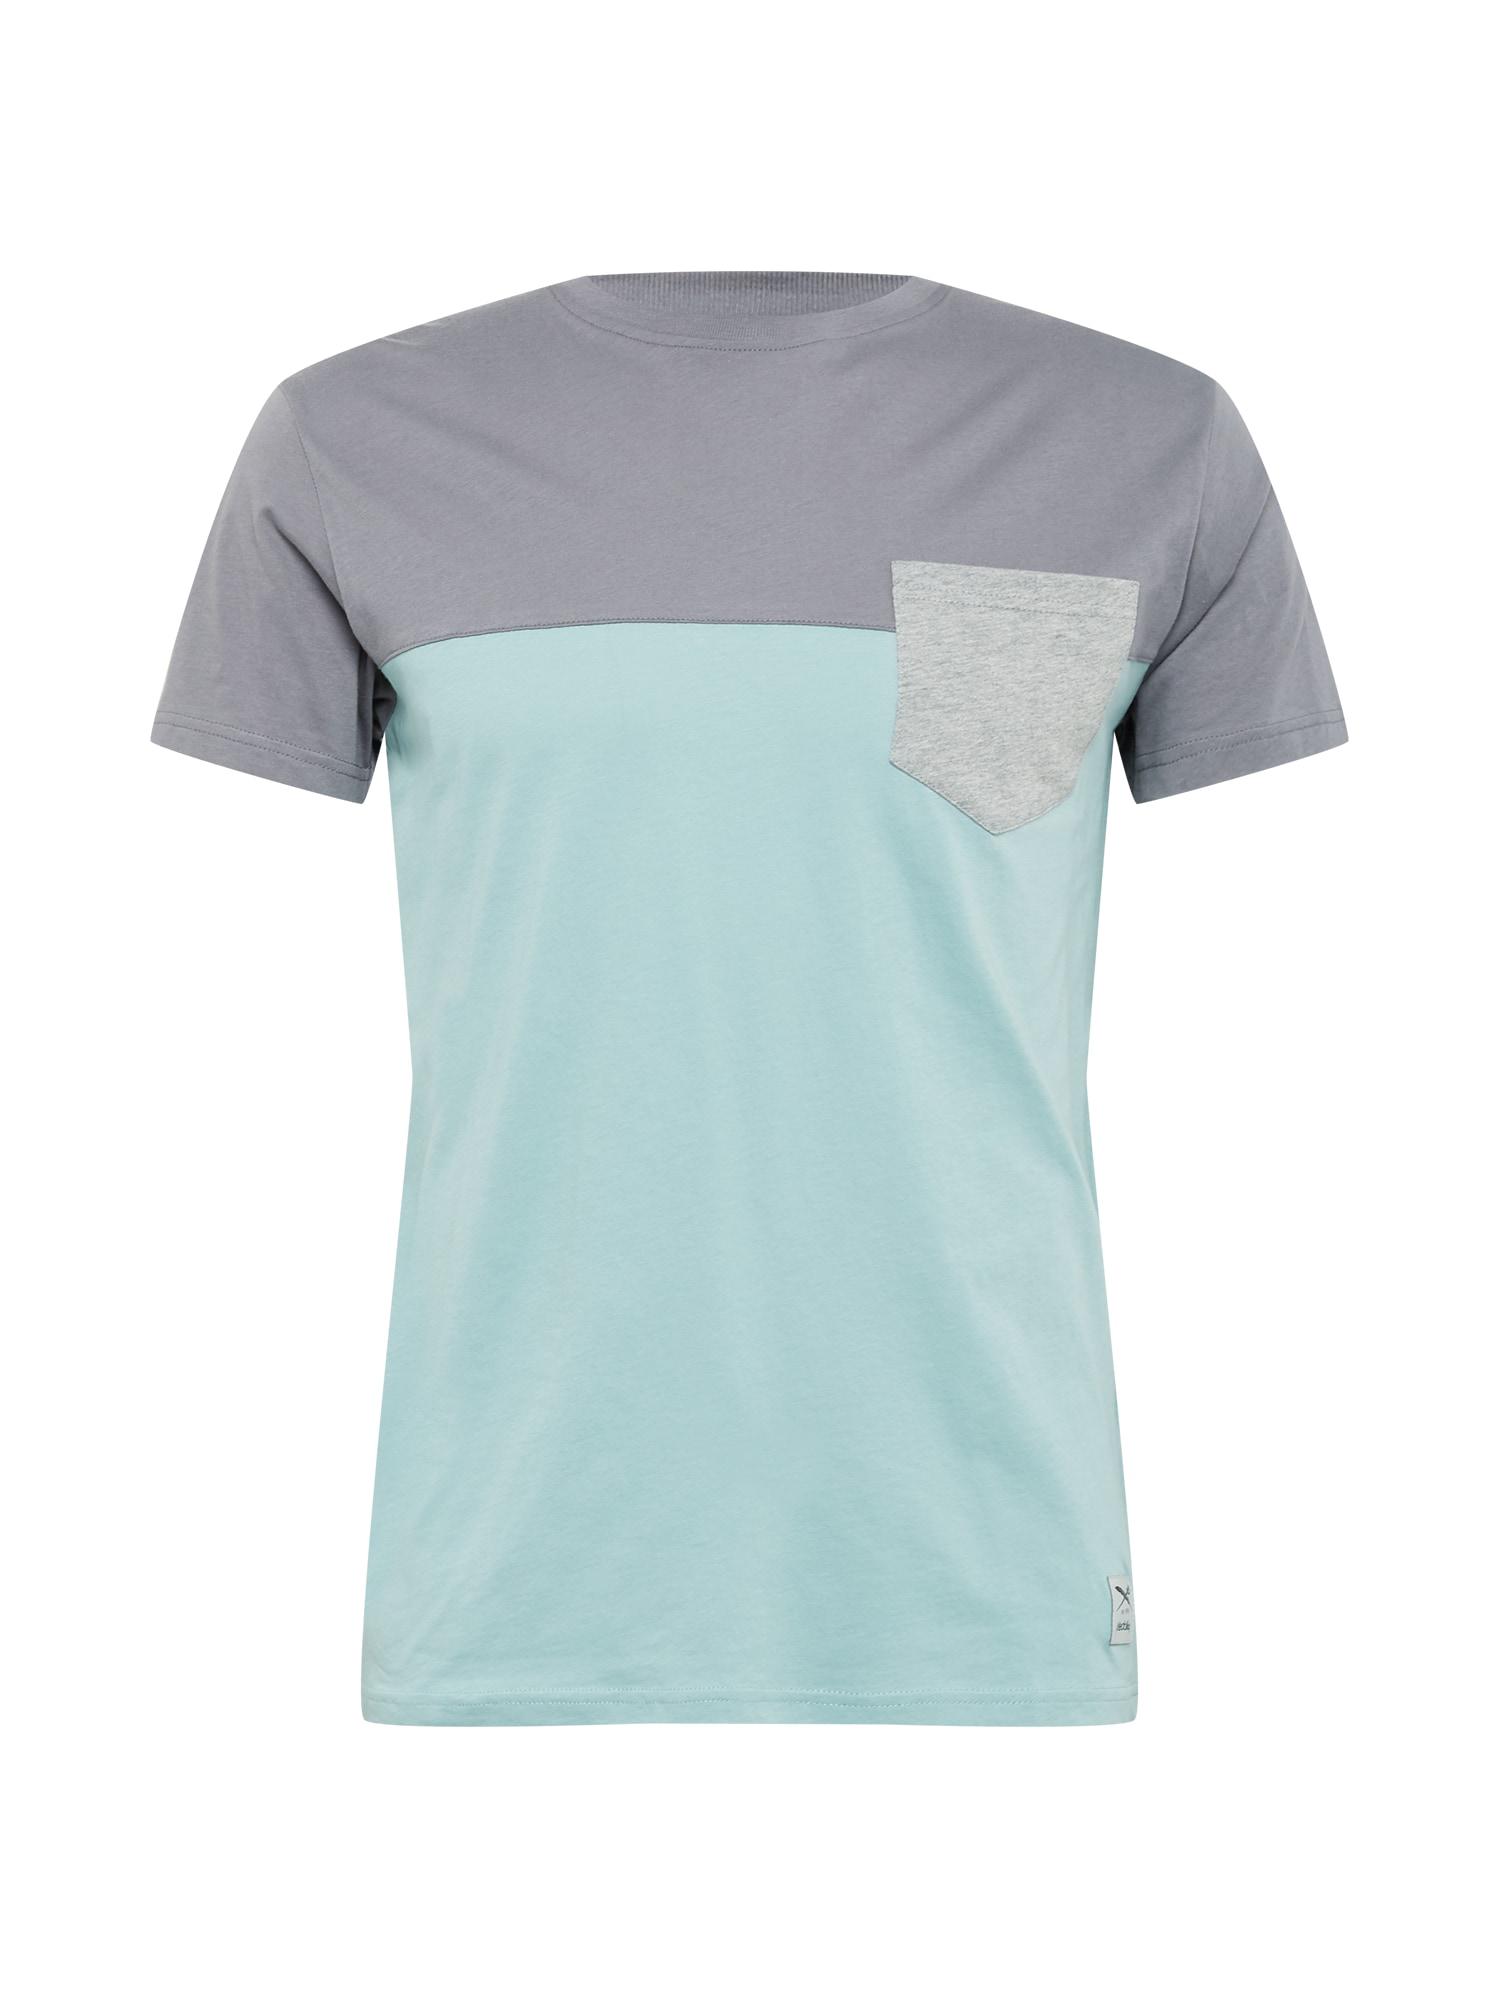 Iriedaily Marškinėliai šviesiai pilka / tamsiai pilka / turkio spalva